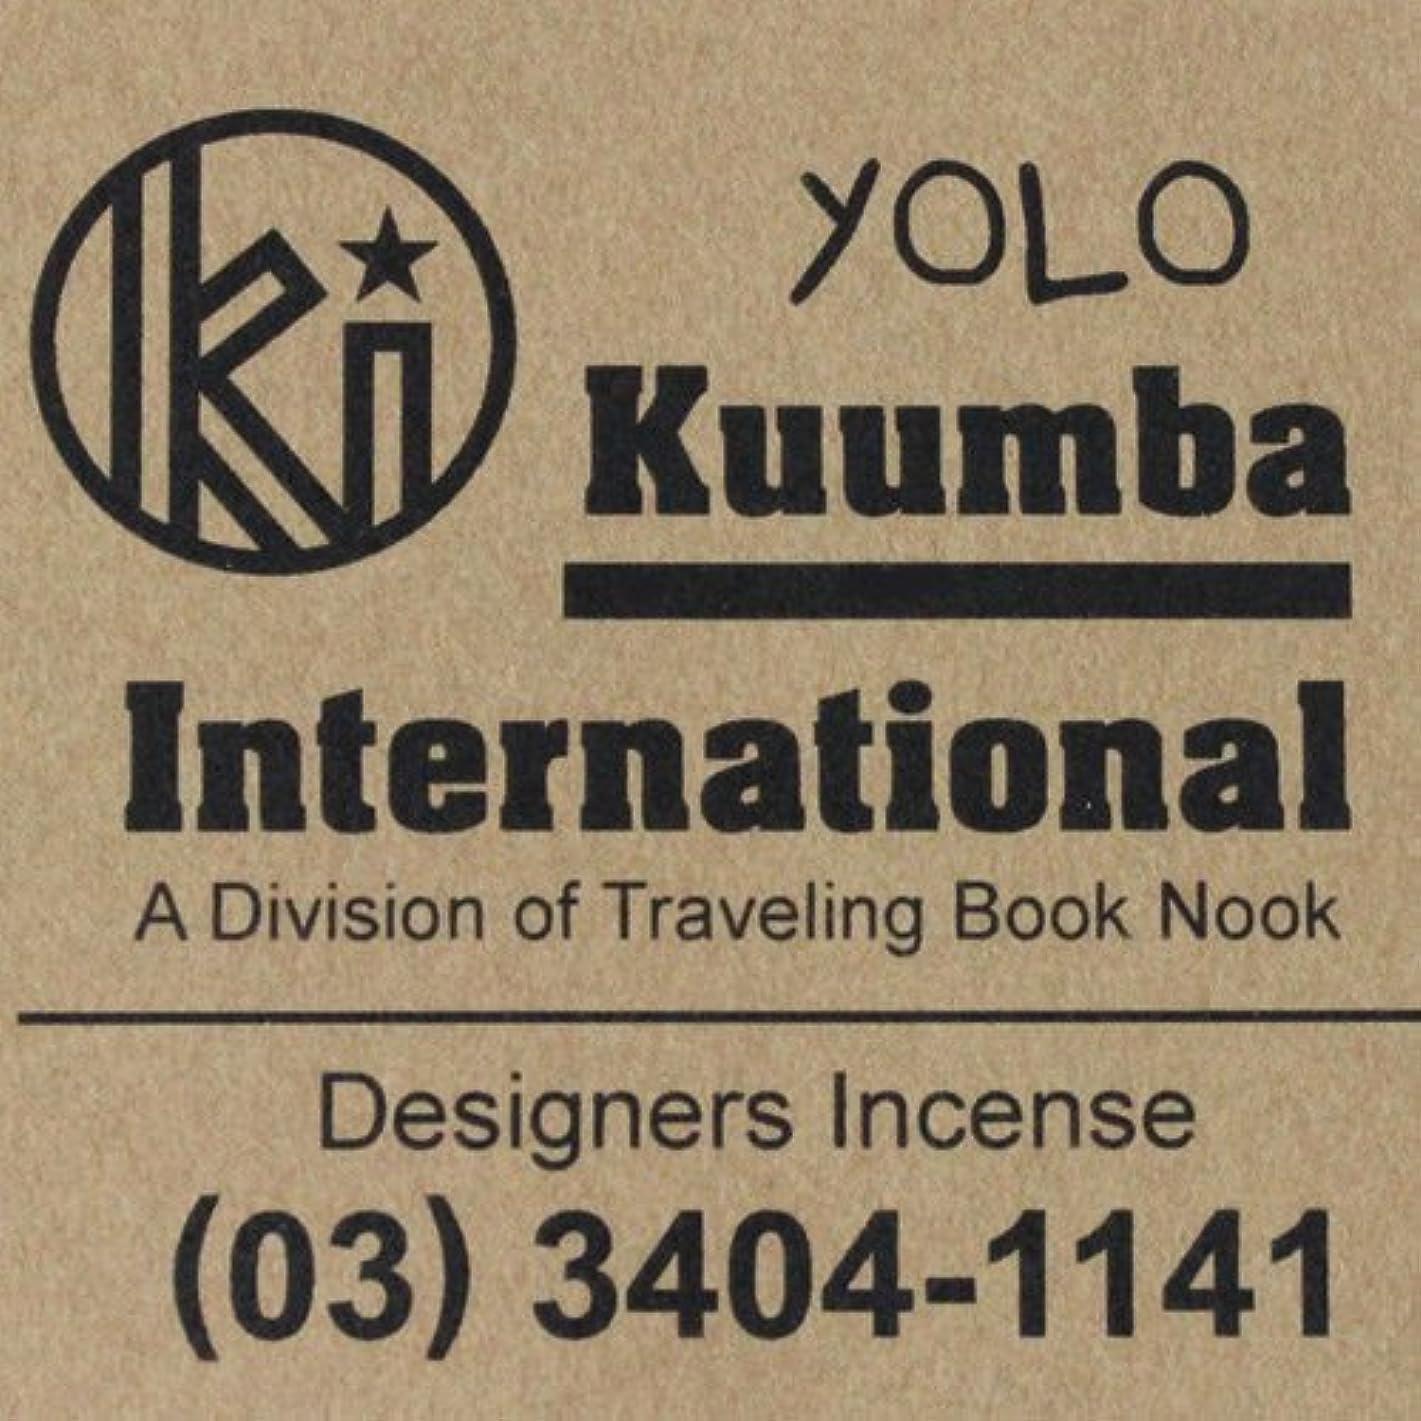 来てエスカレーター順番Kuumba(クンバ)『incense』(YOLO) (Regular size)